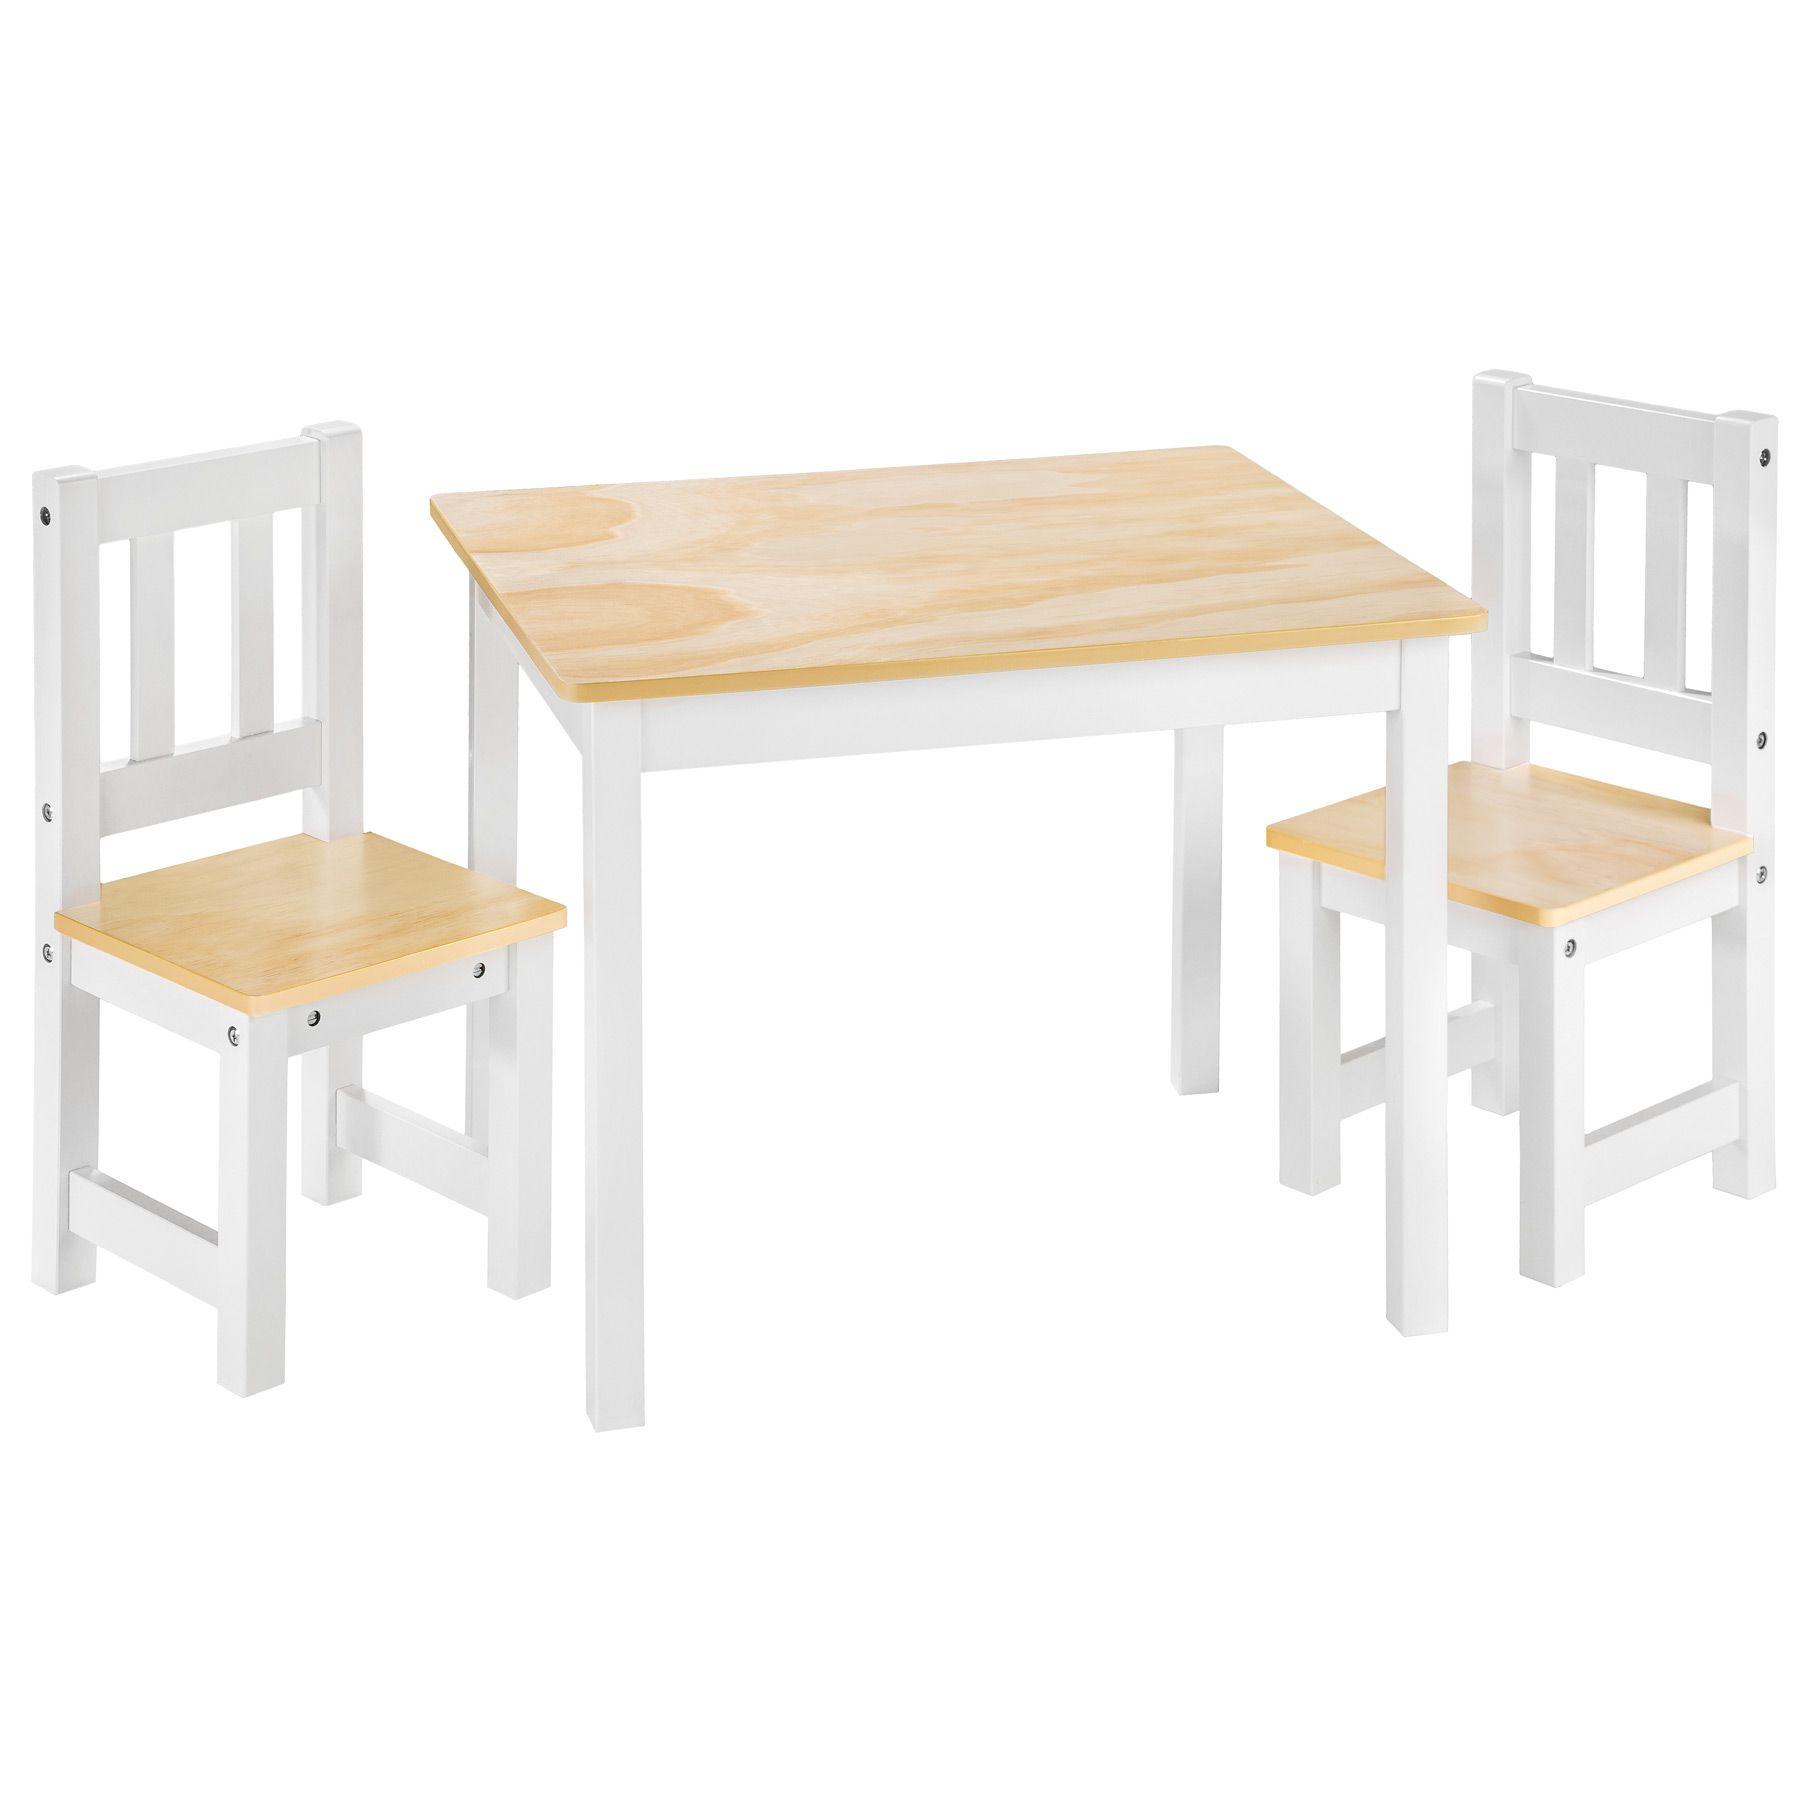 Detalles de Set mesa y 2 sillas infantil muebles para niños habitación madera bianco